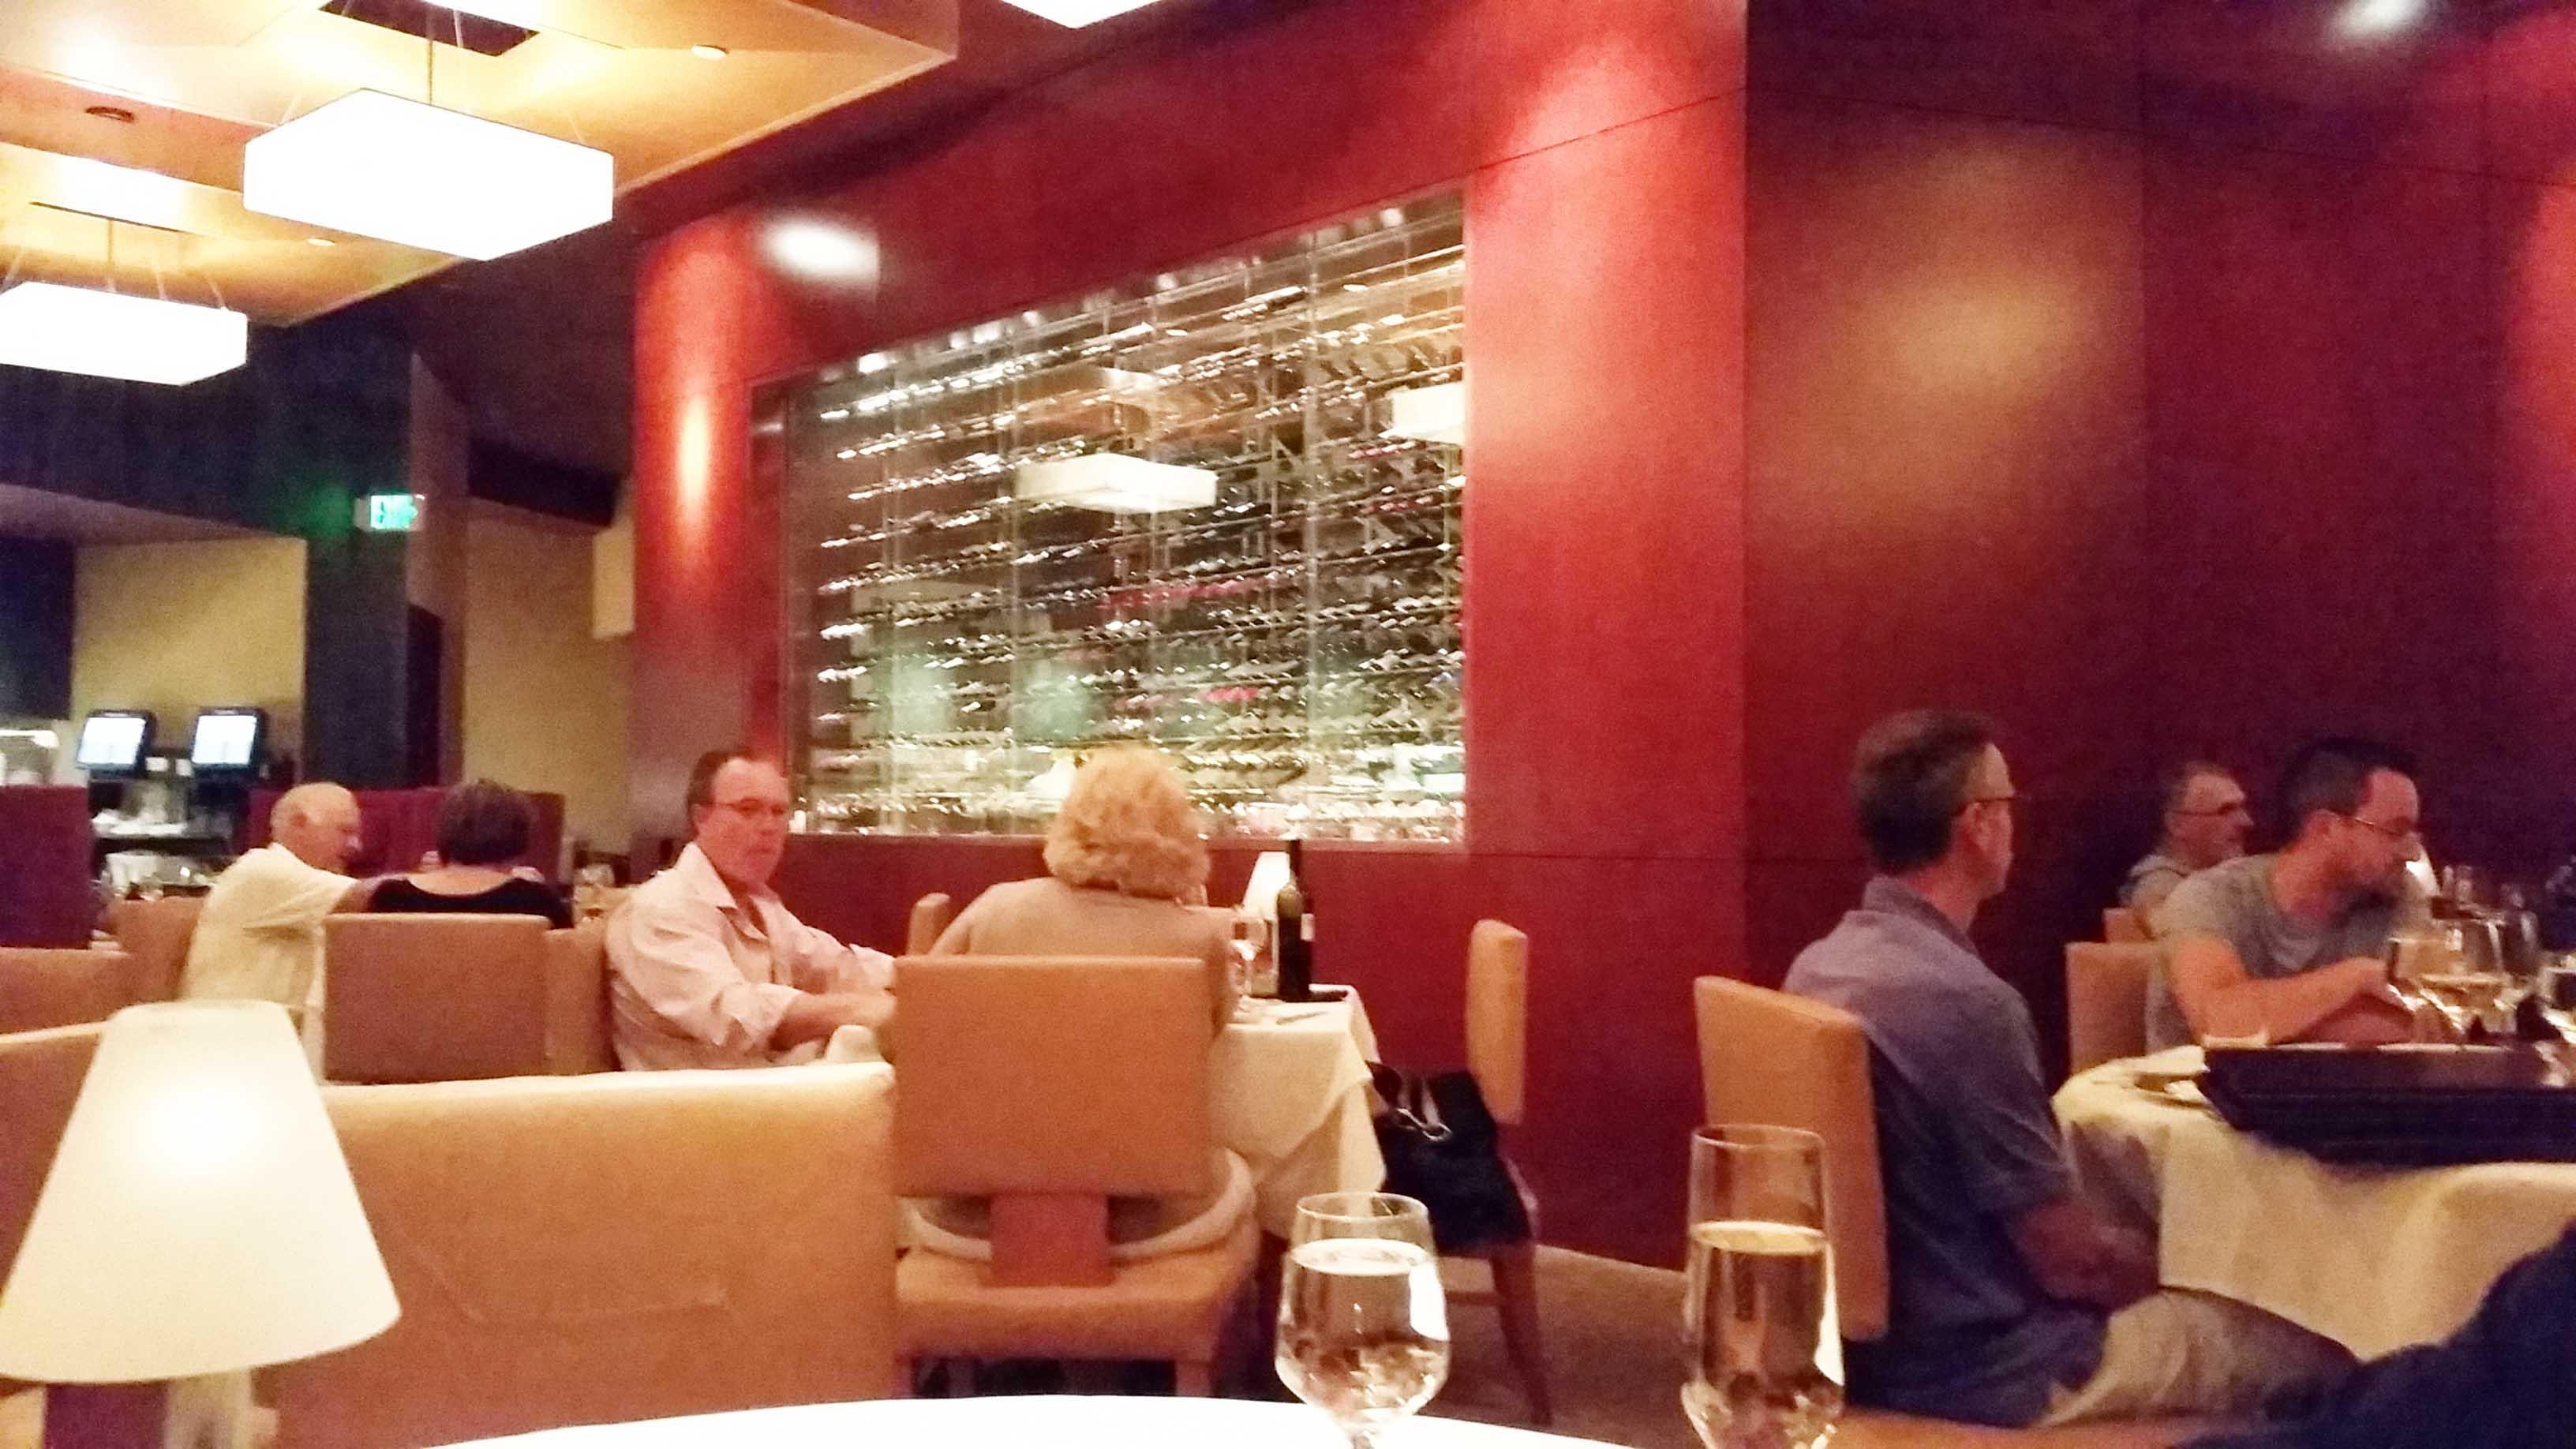 A view of Ciera's impressive wine selection. (Photo: Super G)